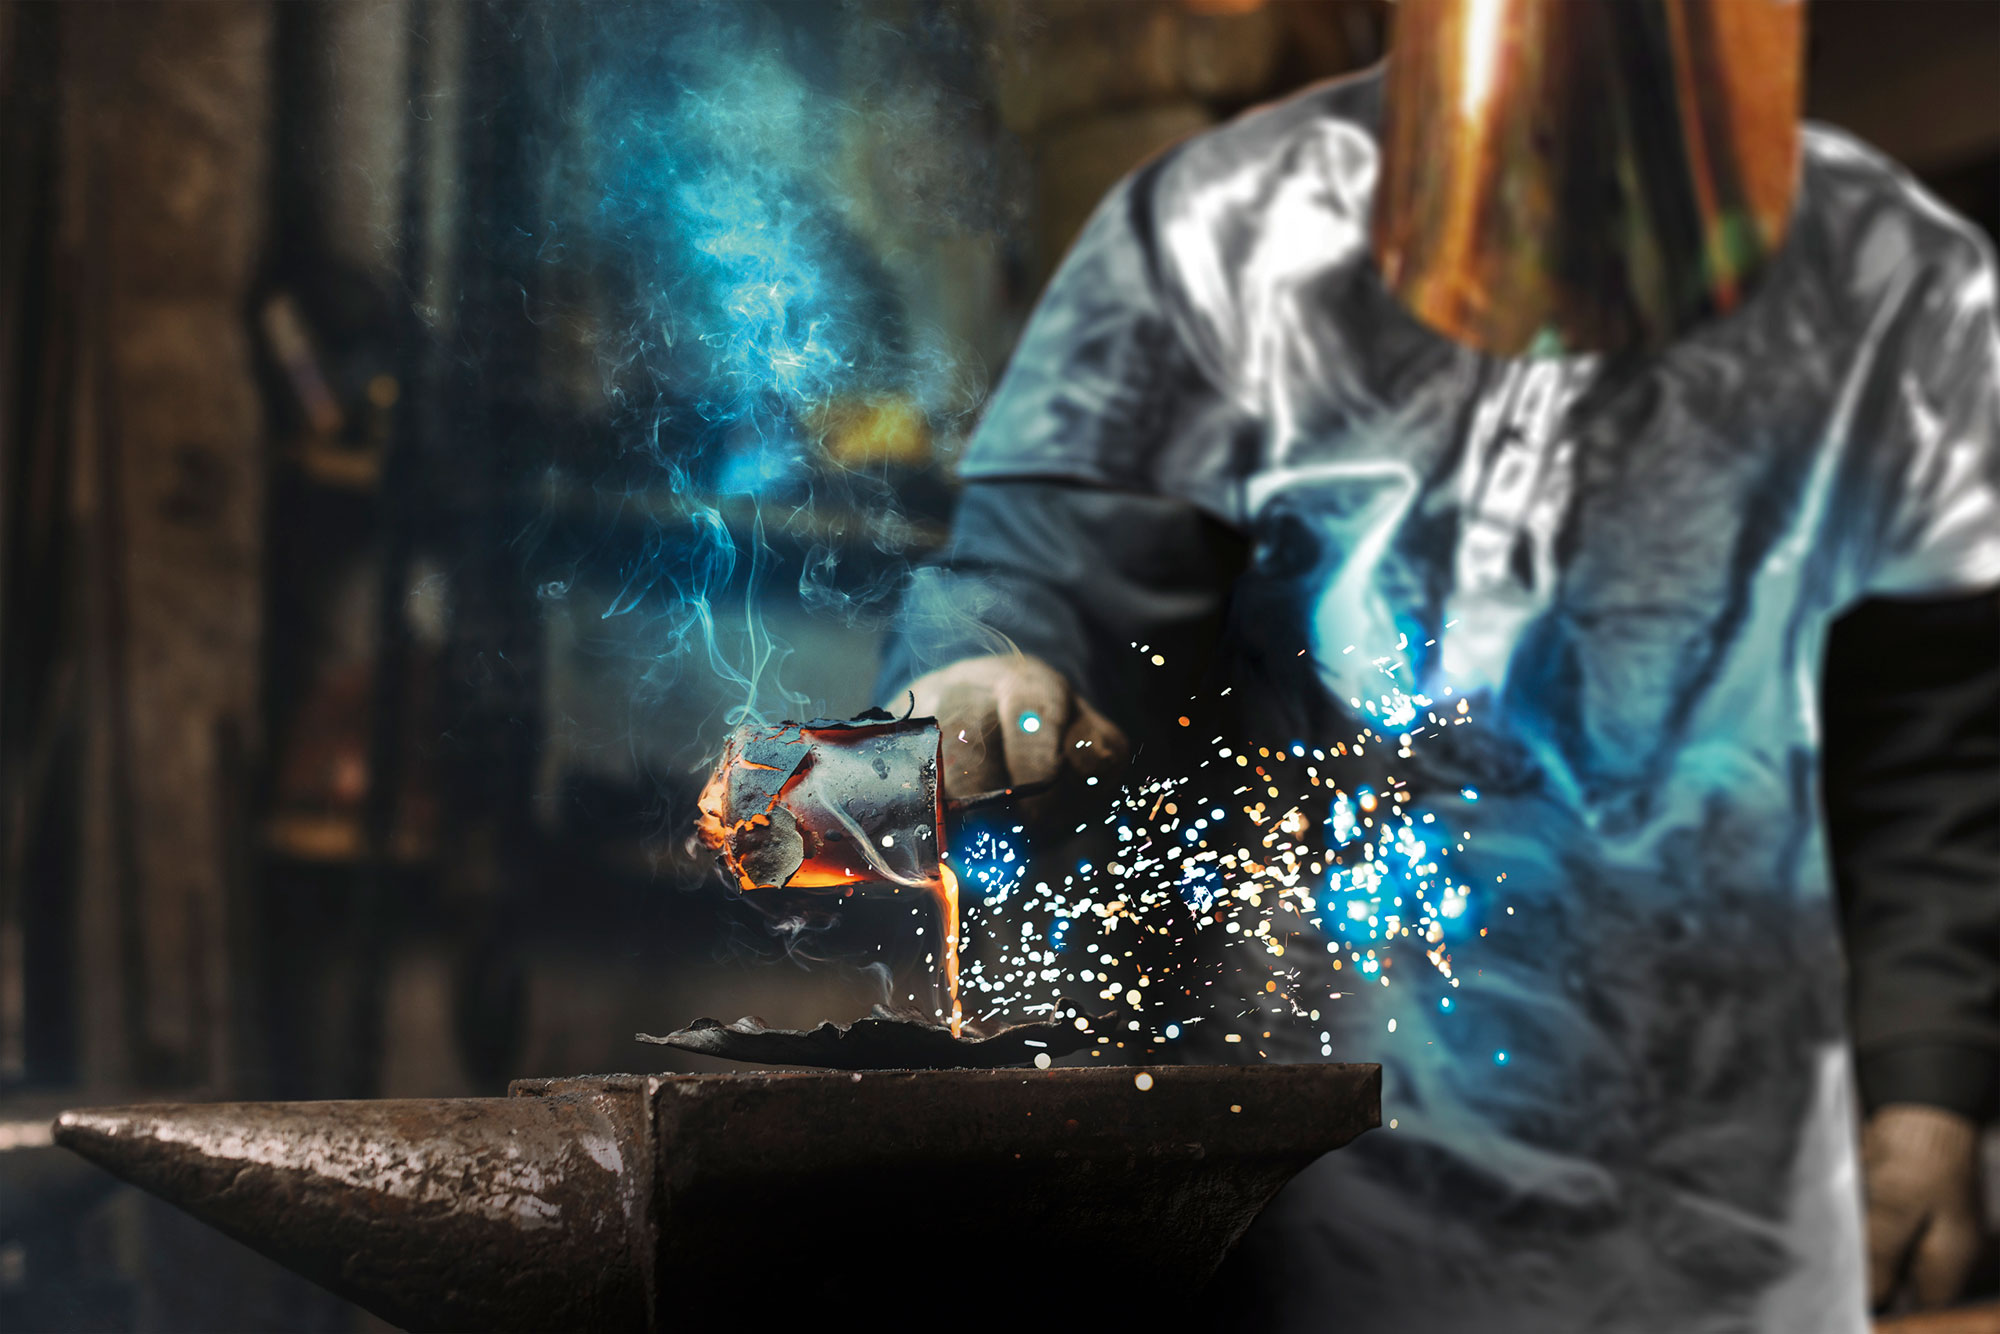 Aurubis | Metals for Progress